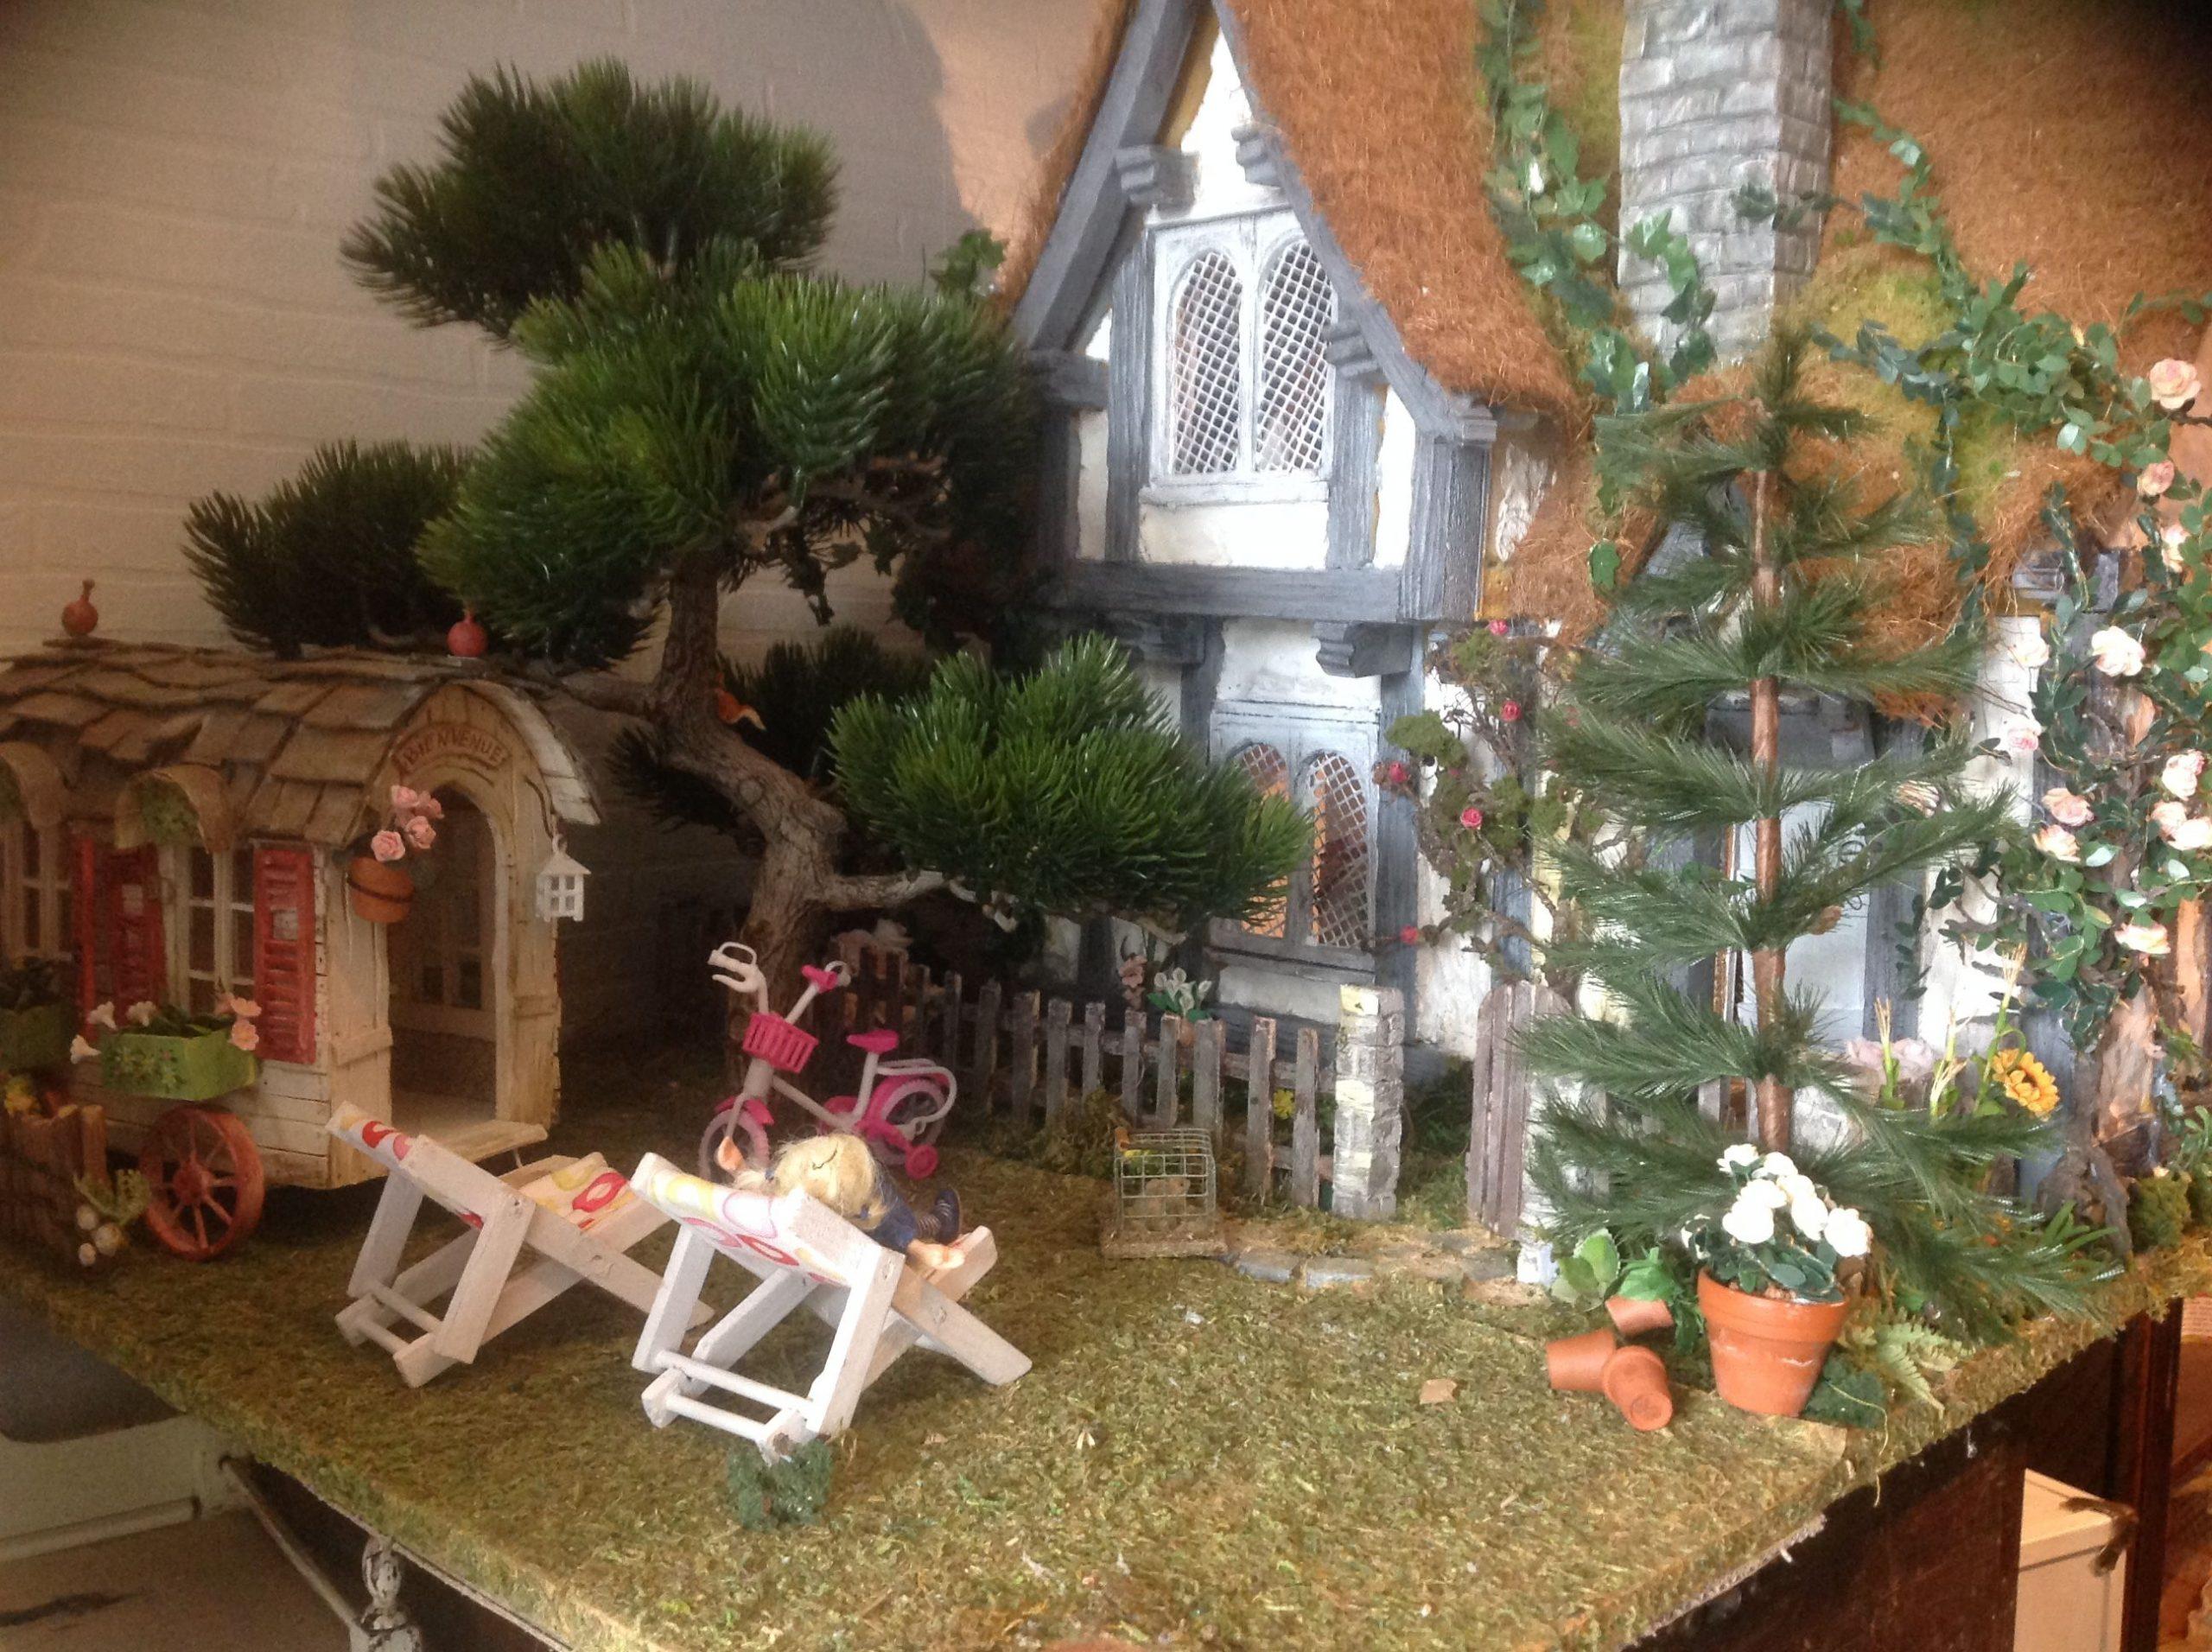 Maison Poupee Miniature Cottage Jardin | Poupées Miniatures ... serapportantà Maison Jardin Jouet